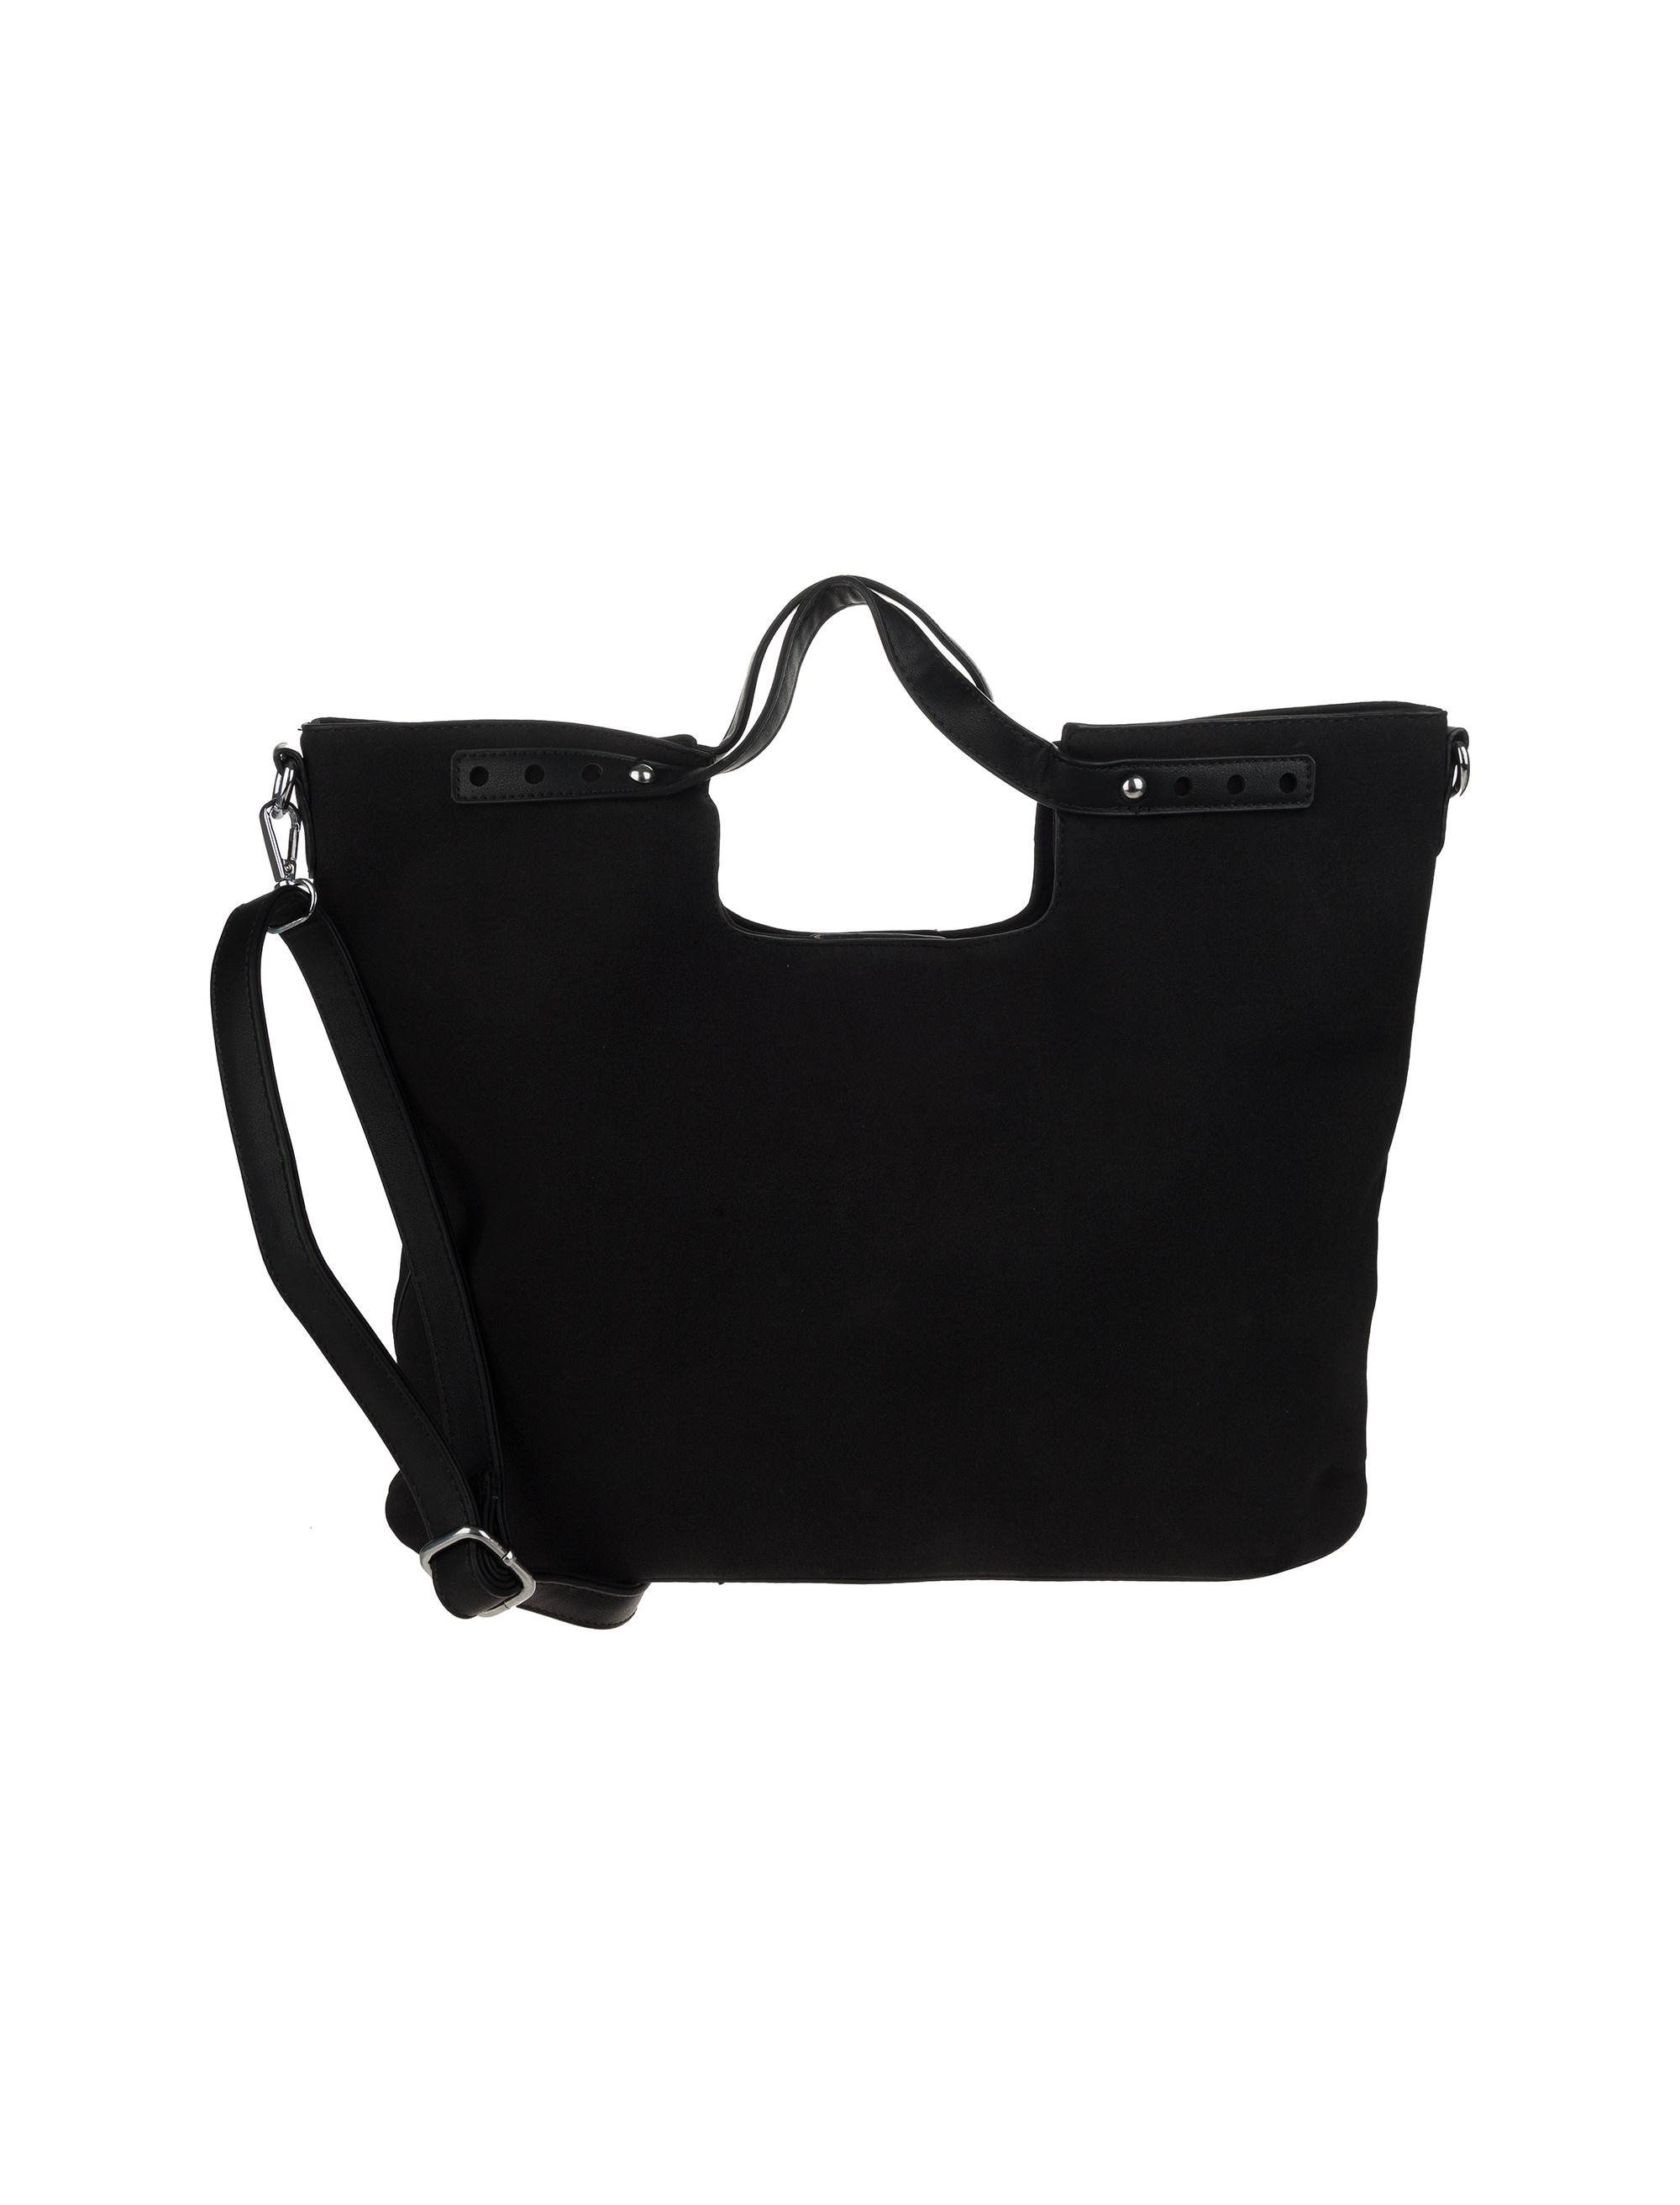 کیف دستی روزمره زنانه - شانتال تک سایز - مشکي  - 1